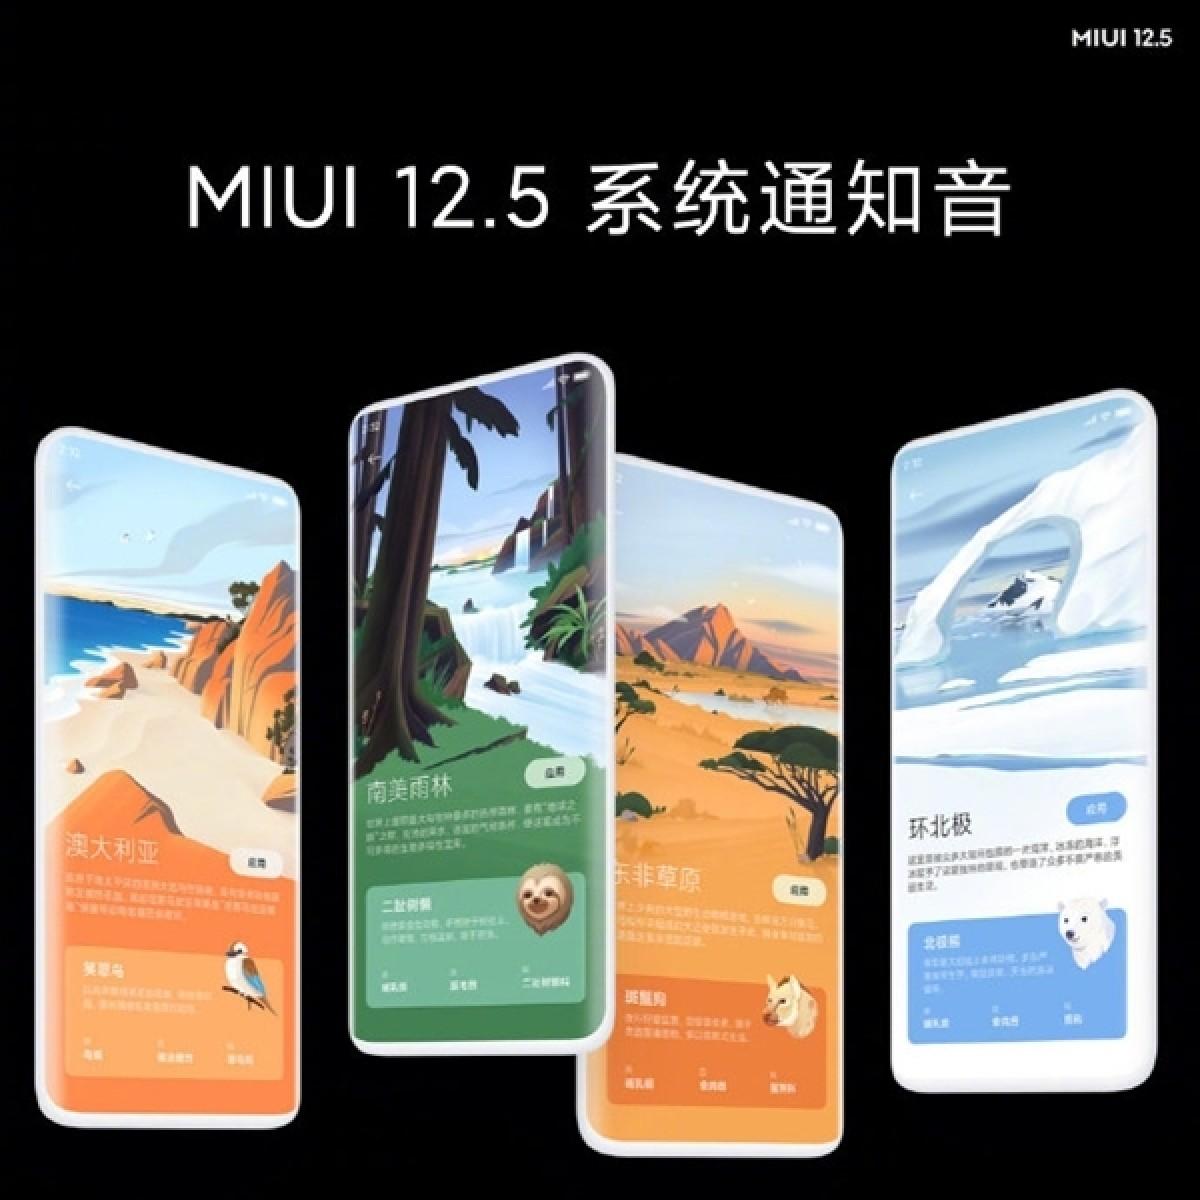 صدای اعلانات در گوشی های دارای رابط کاربری MIUI 12.5 ، صدای اعلان طبیعی است. این صداها شامل صدای چهار زیستگاه اصلی جنگل های بارانی آمریکای جنوبی، استرالیا ، چمنزارهای آفریقای شرقی و قطب شمال را به ارمغان می آورد.